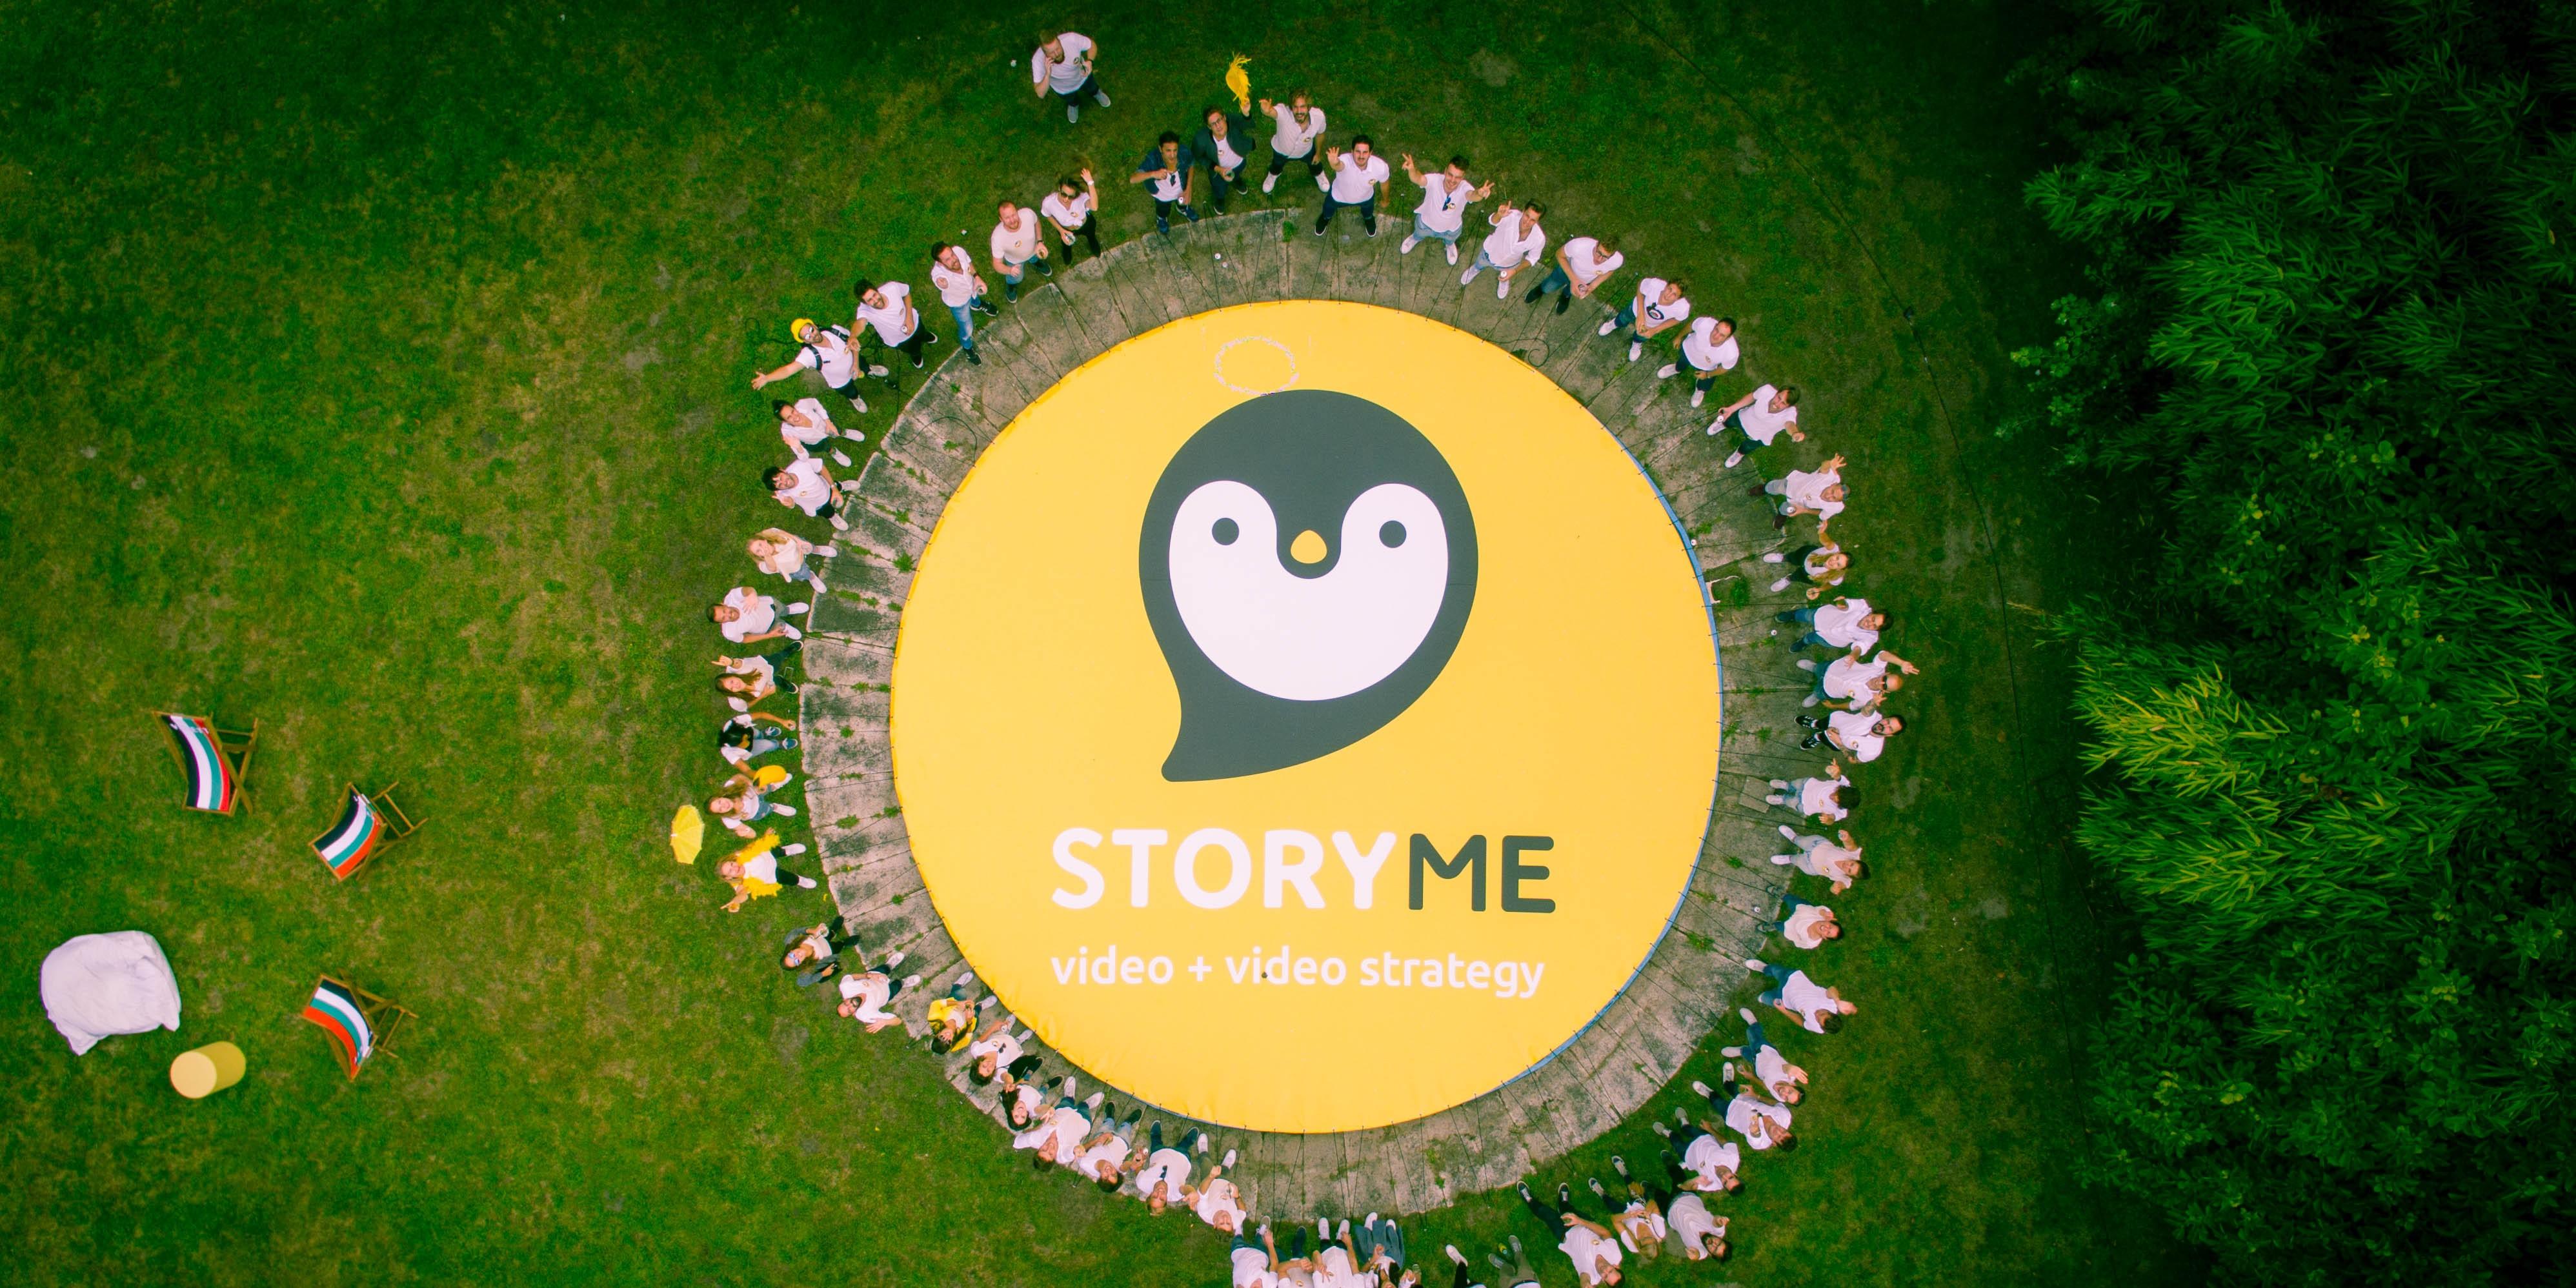 Storyme is verkozen door Google als Preferred Video Partner in België